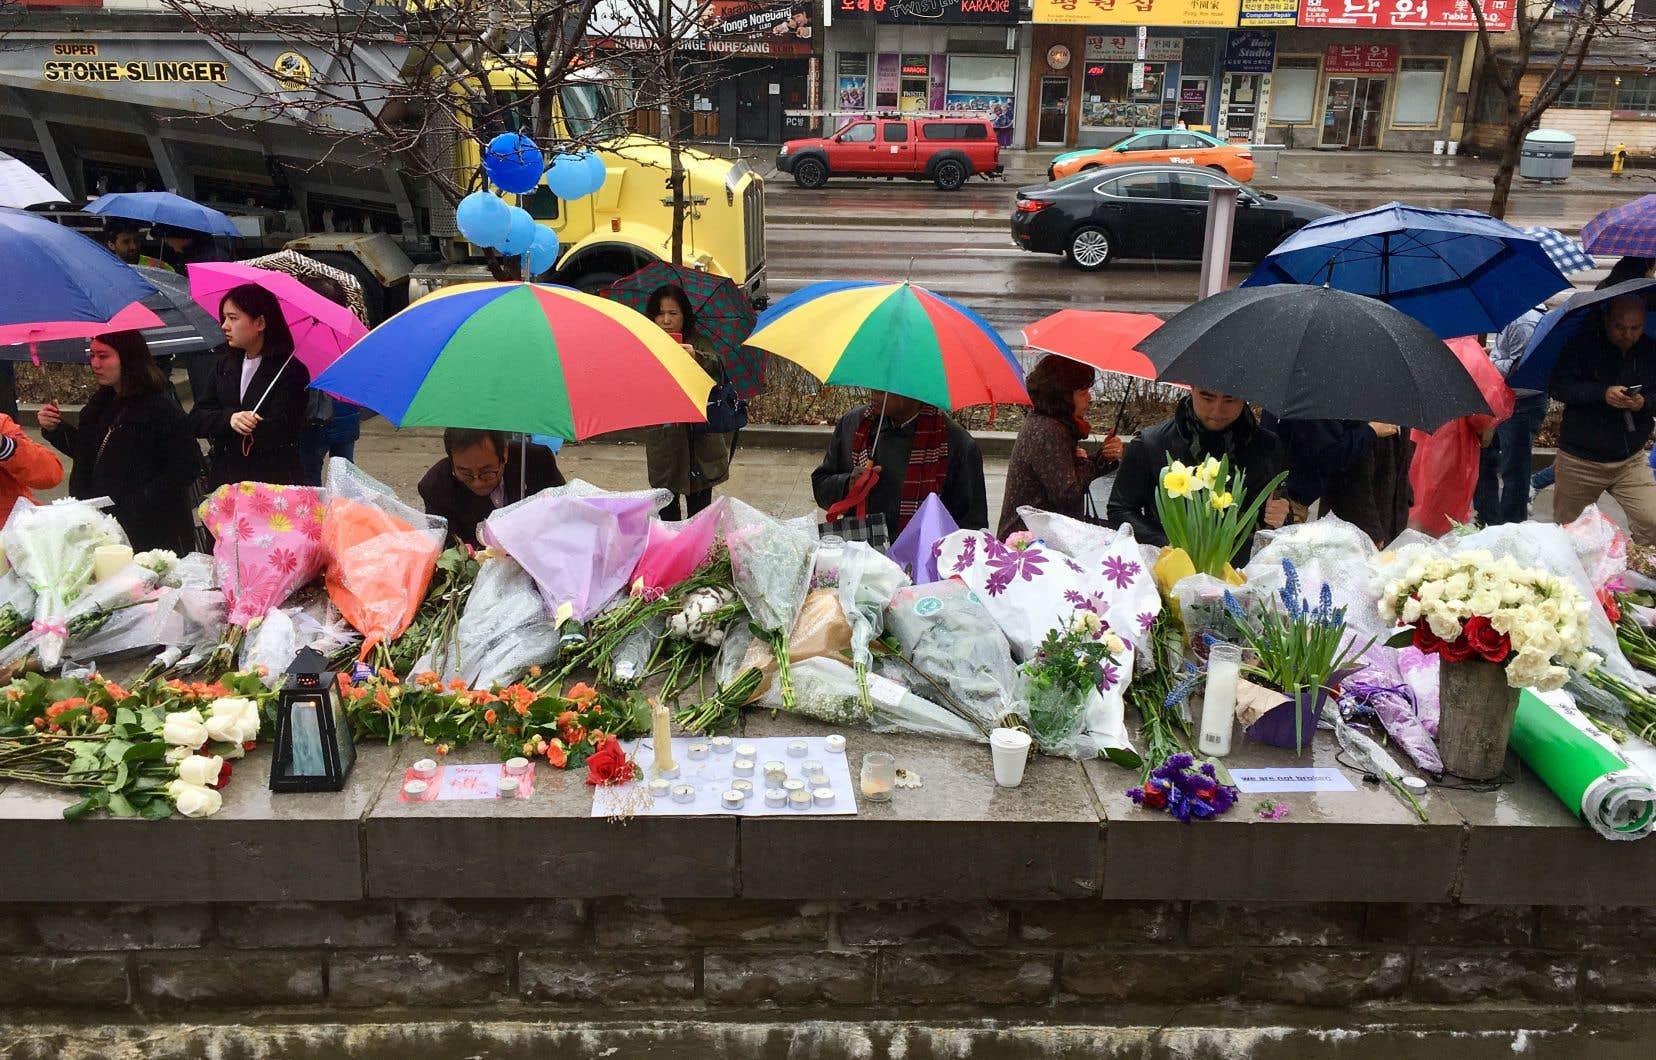 Les Torontois ont continué de déposer des gerbes de fleurs et de se recueillir 48 heures après l'attaque meurtrière.